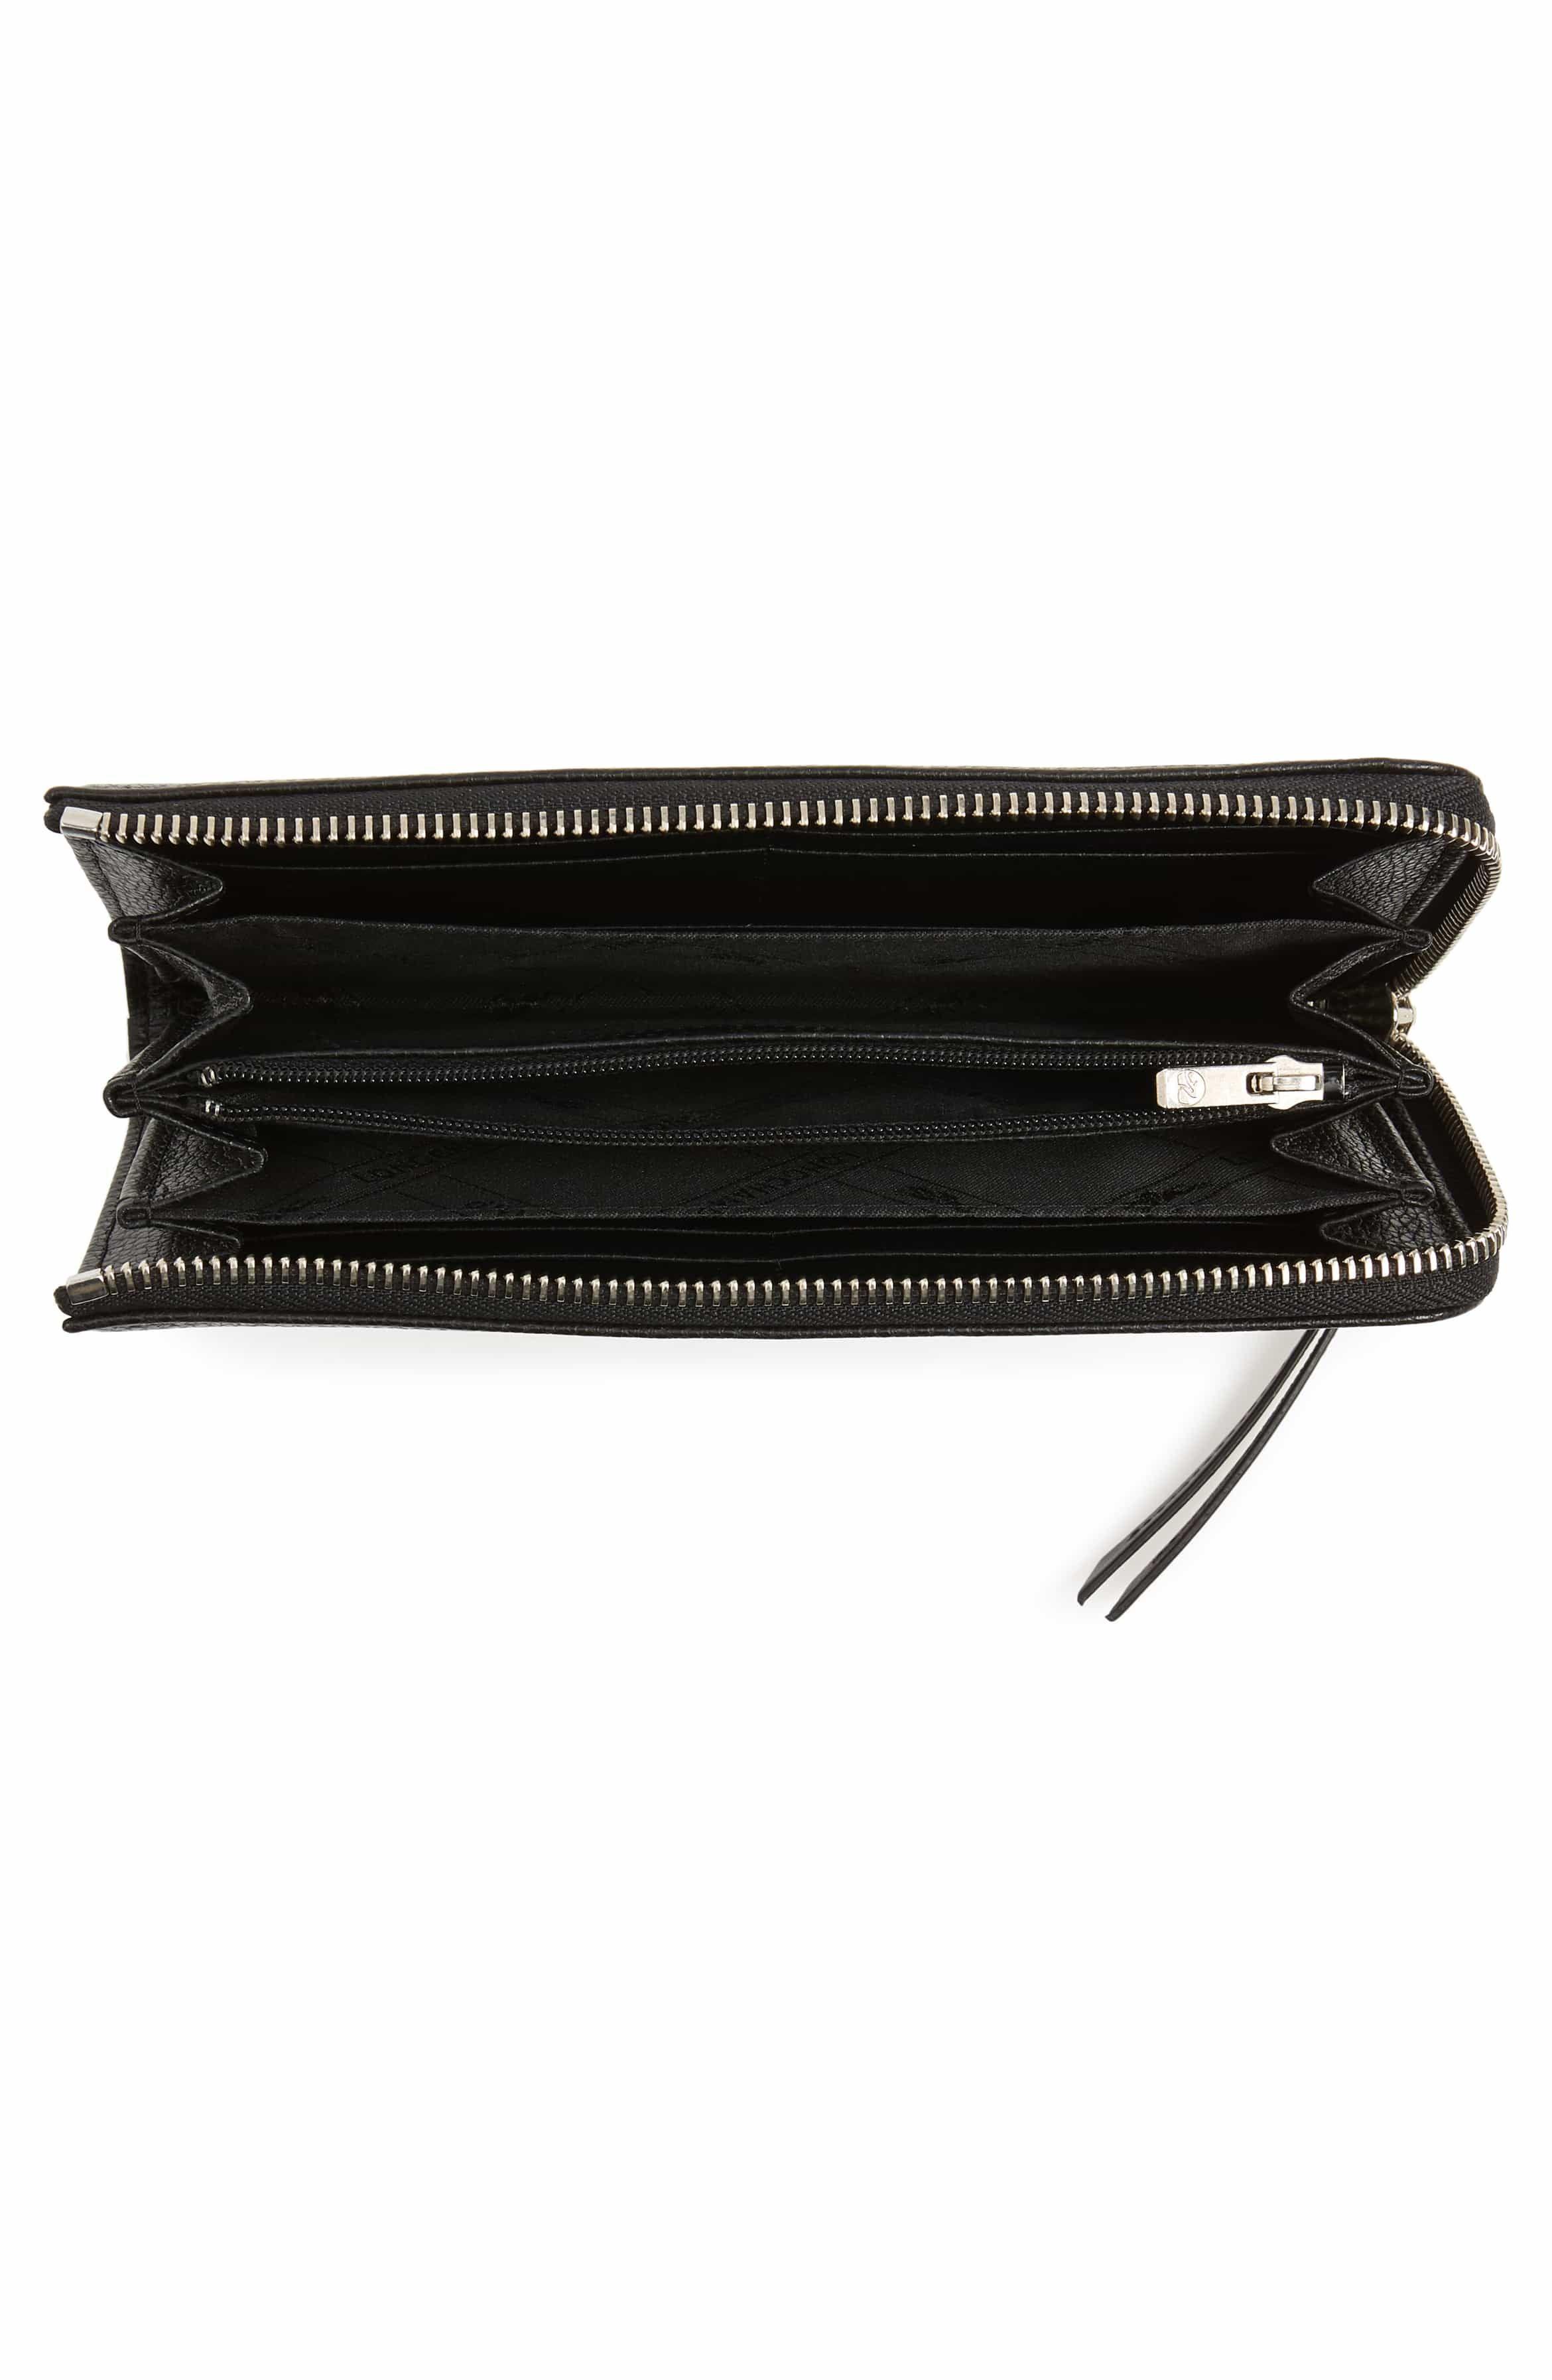 56194132c6e8 Le Foulonne Zip Around Wallet